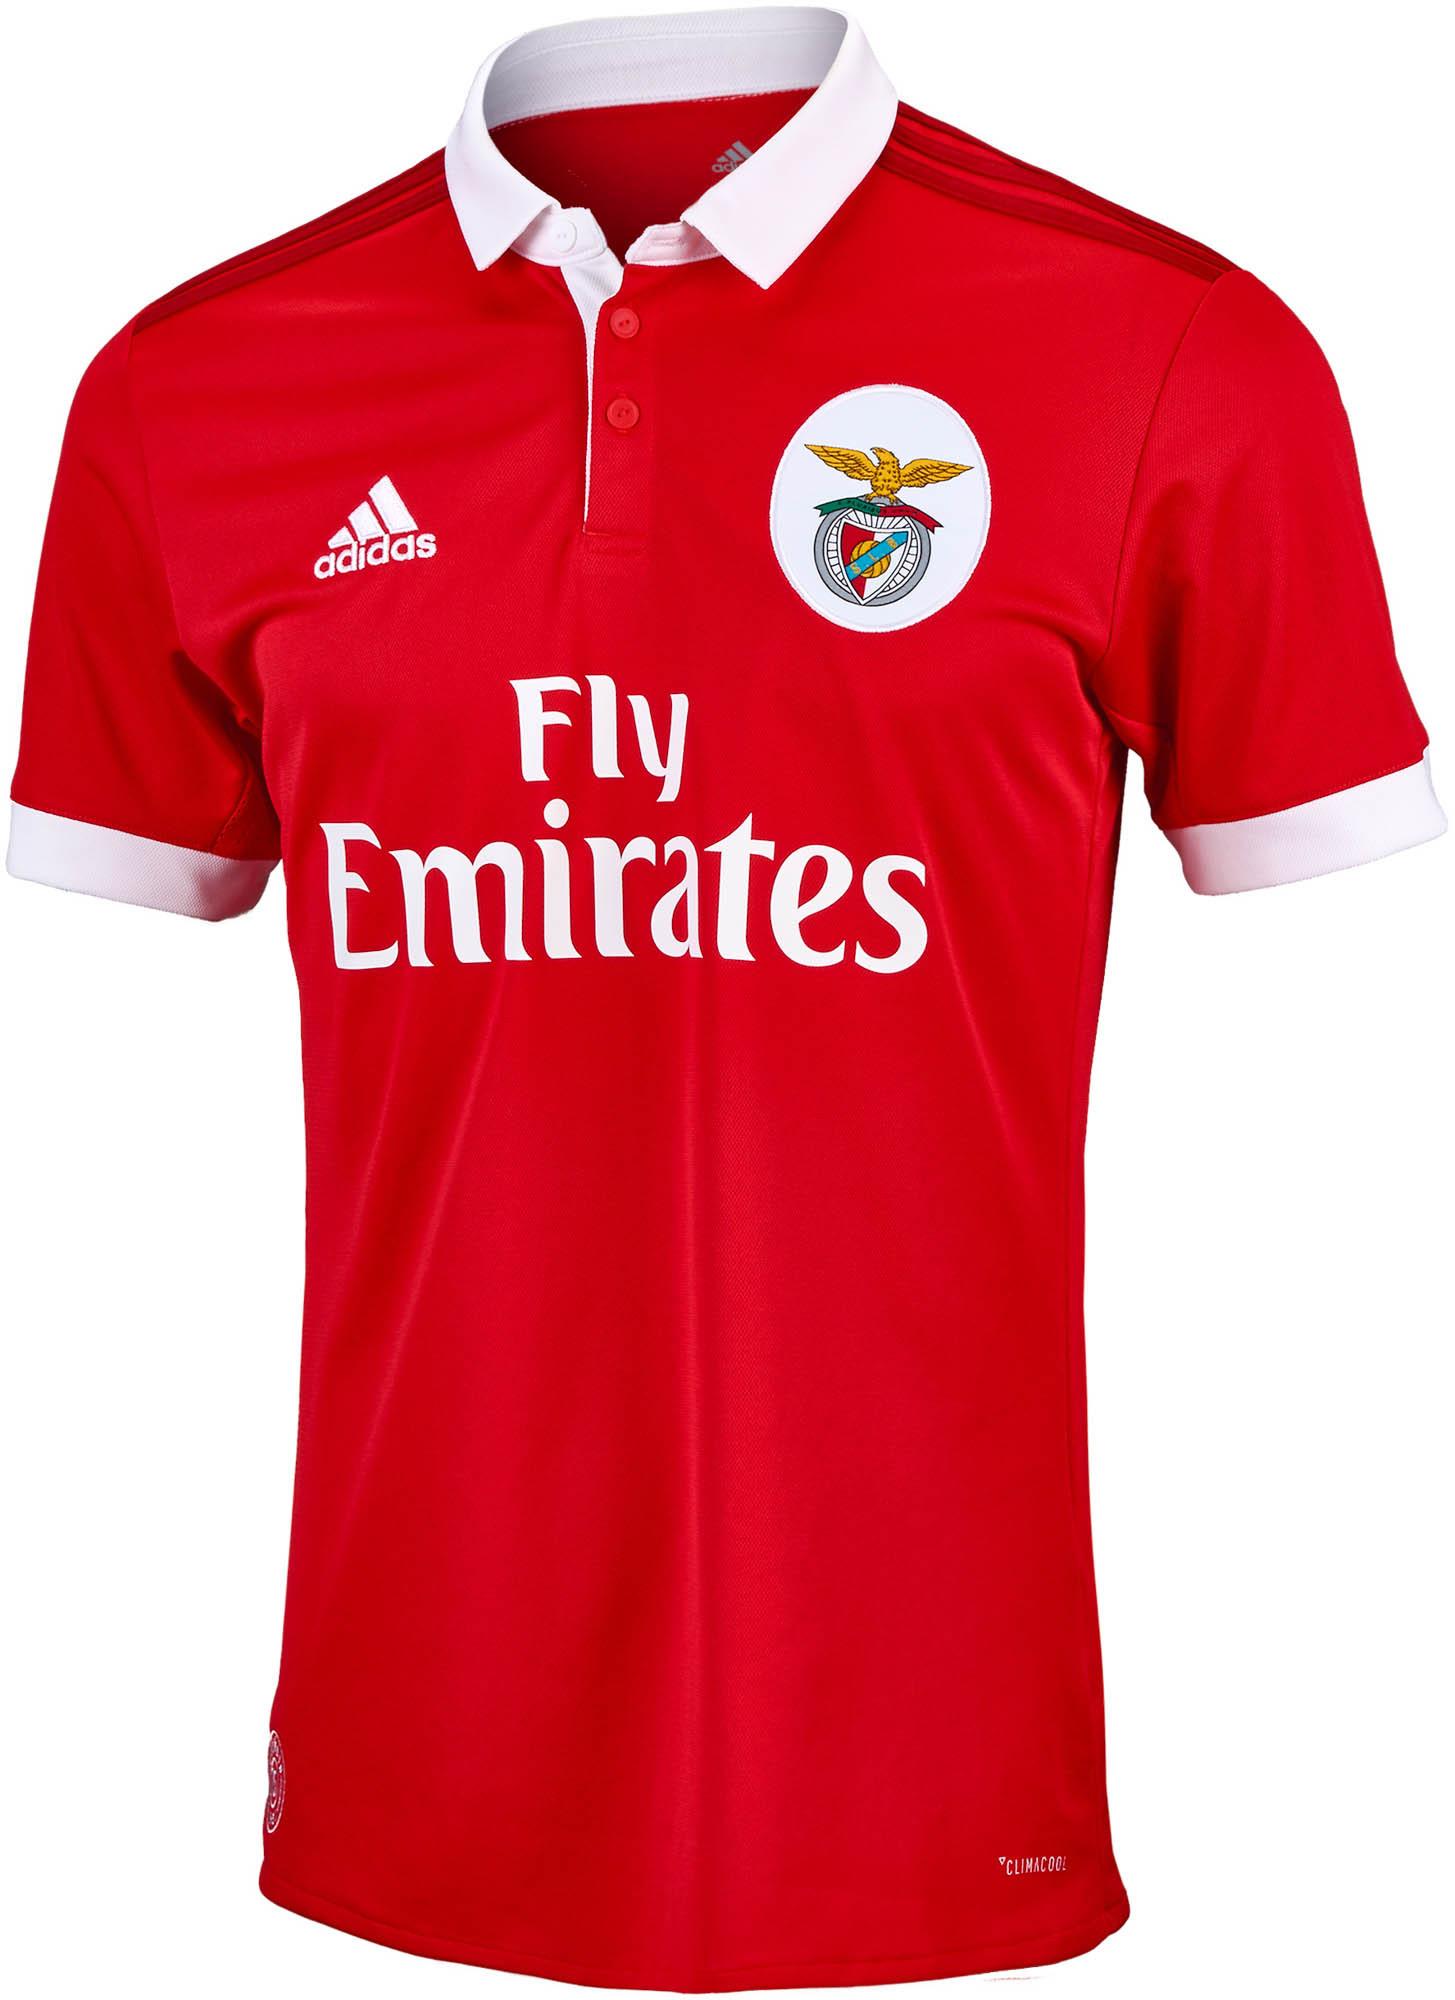 best website 3e419 3cf8a adidas Benfica Home Jersey 2017-18 - SoccerPro.com